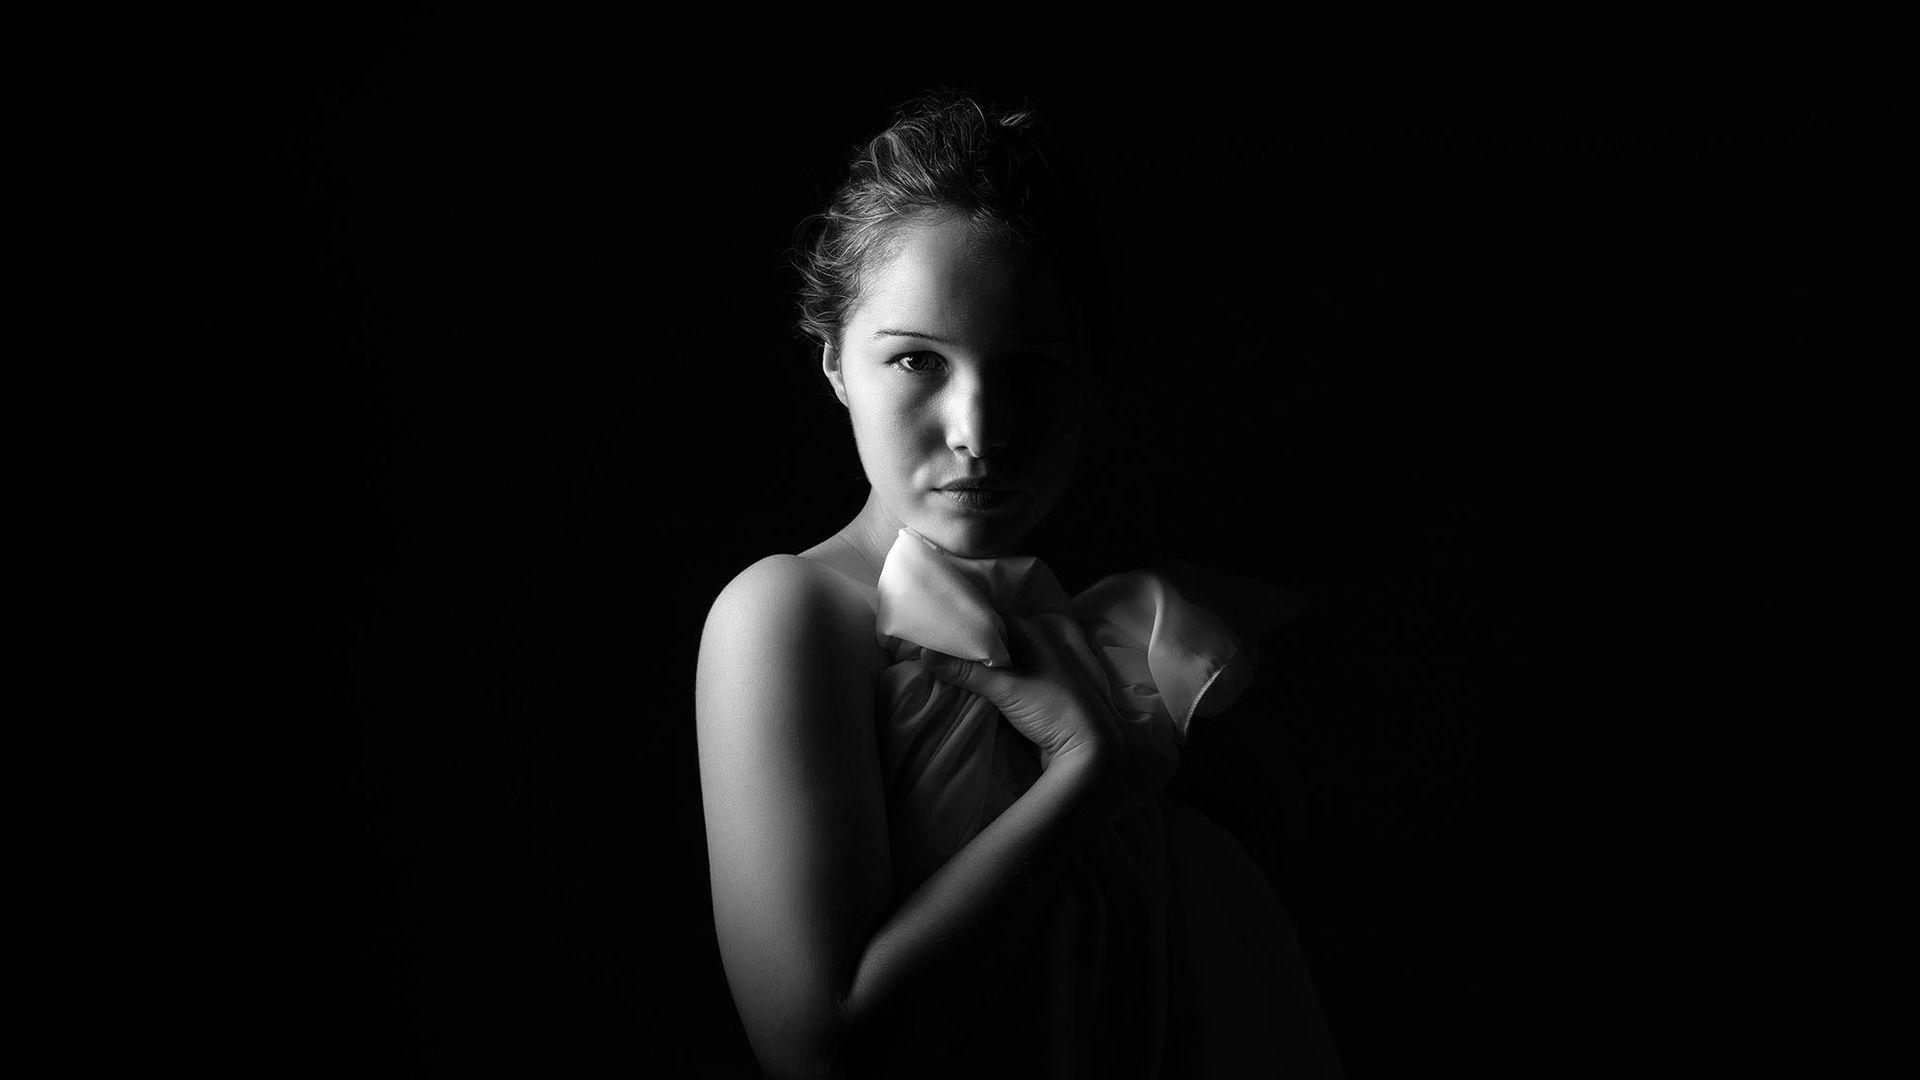 Photographe portraitiste boudoir en Vaucluse